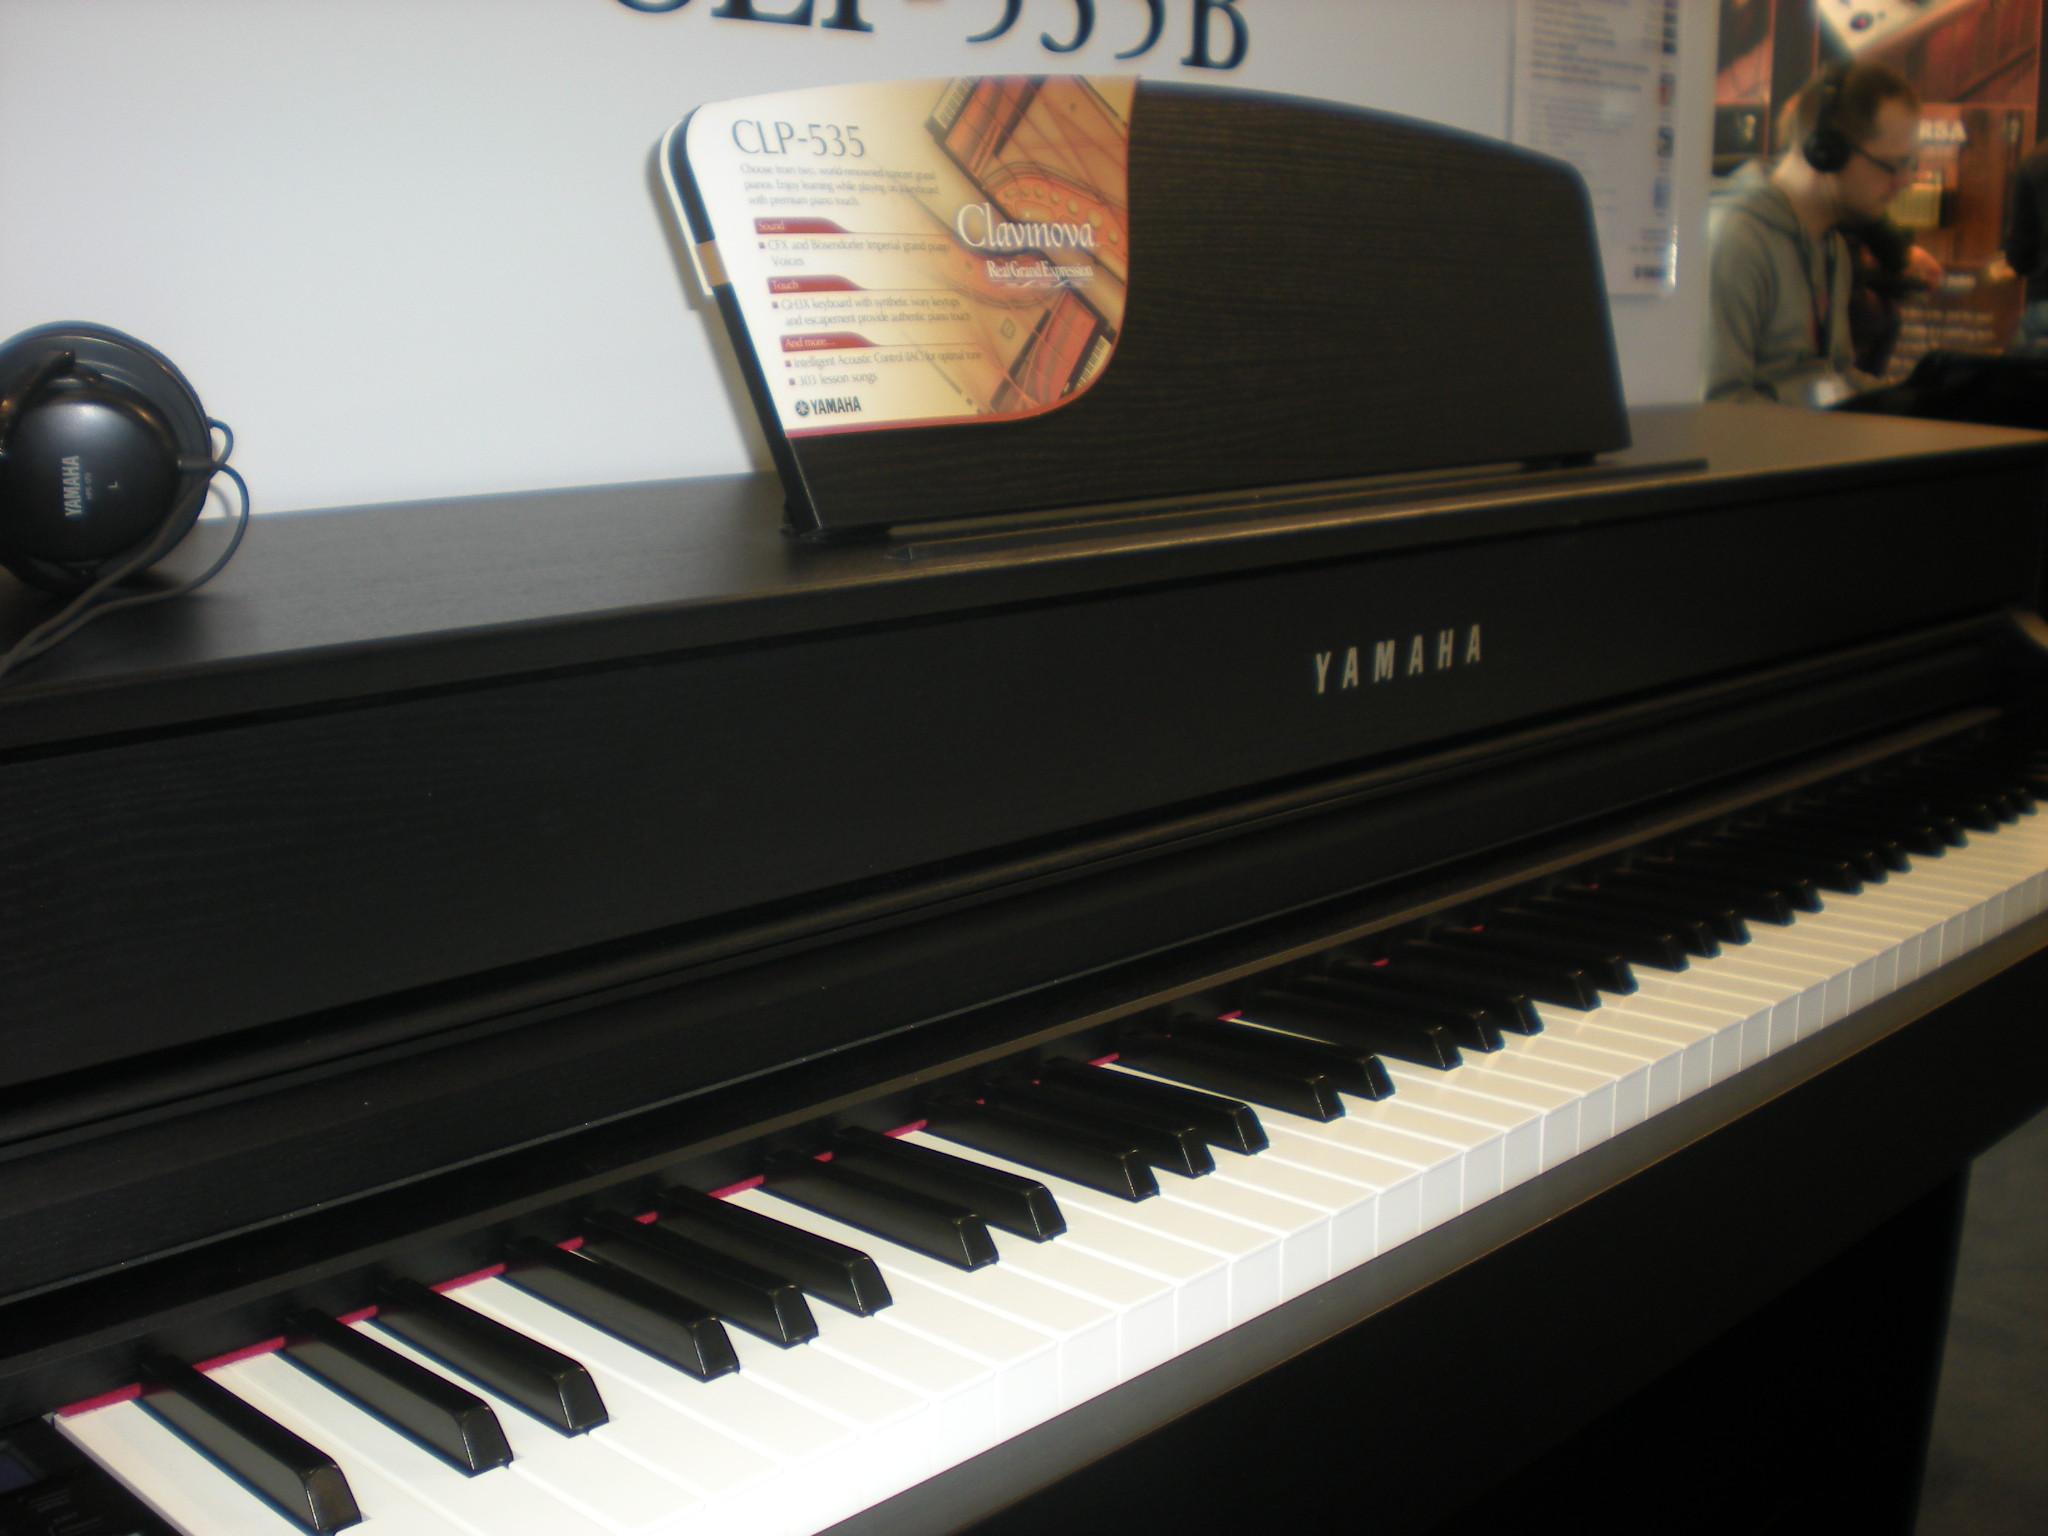 Yamaha_Clavinova_CLP-535_keyboard.JPG